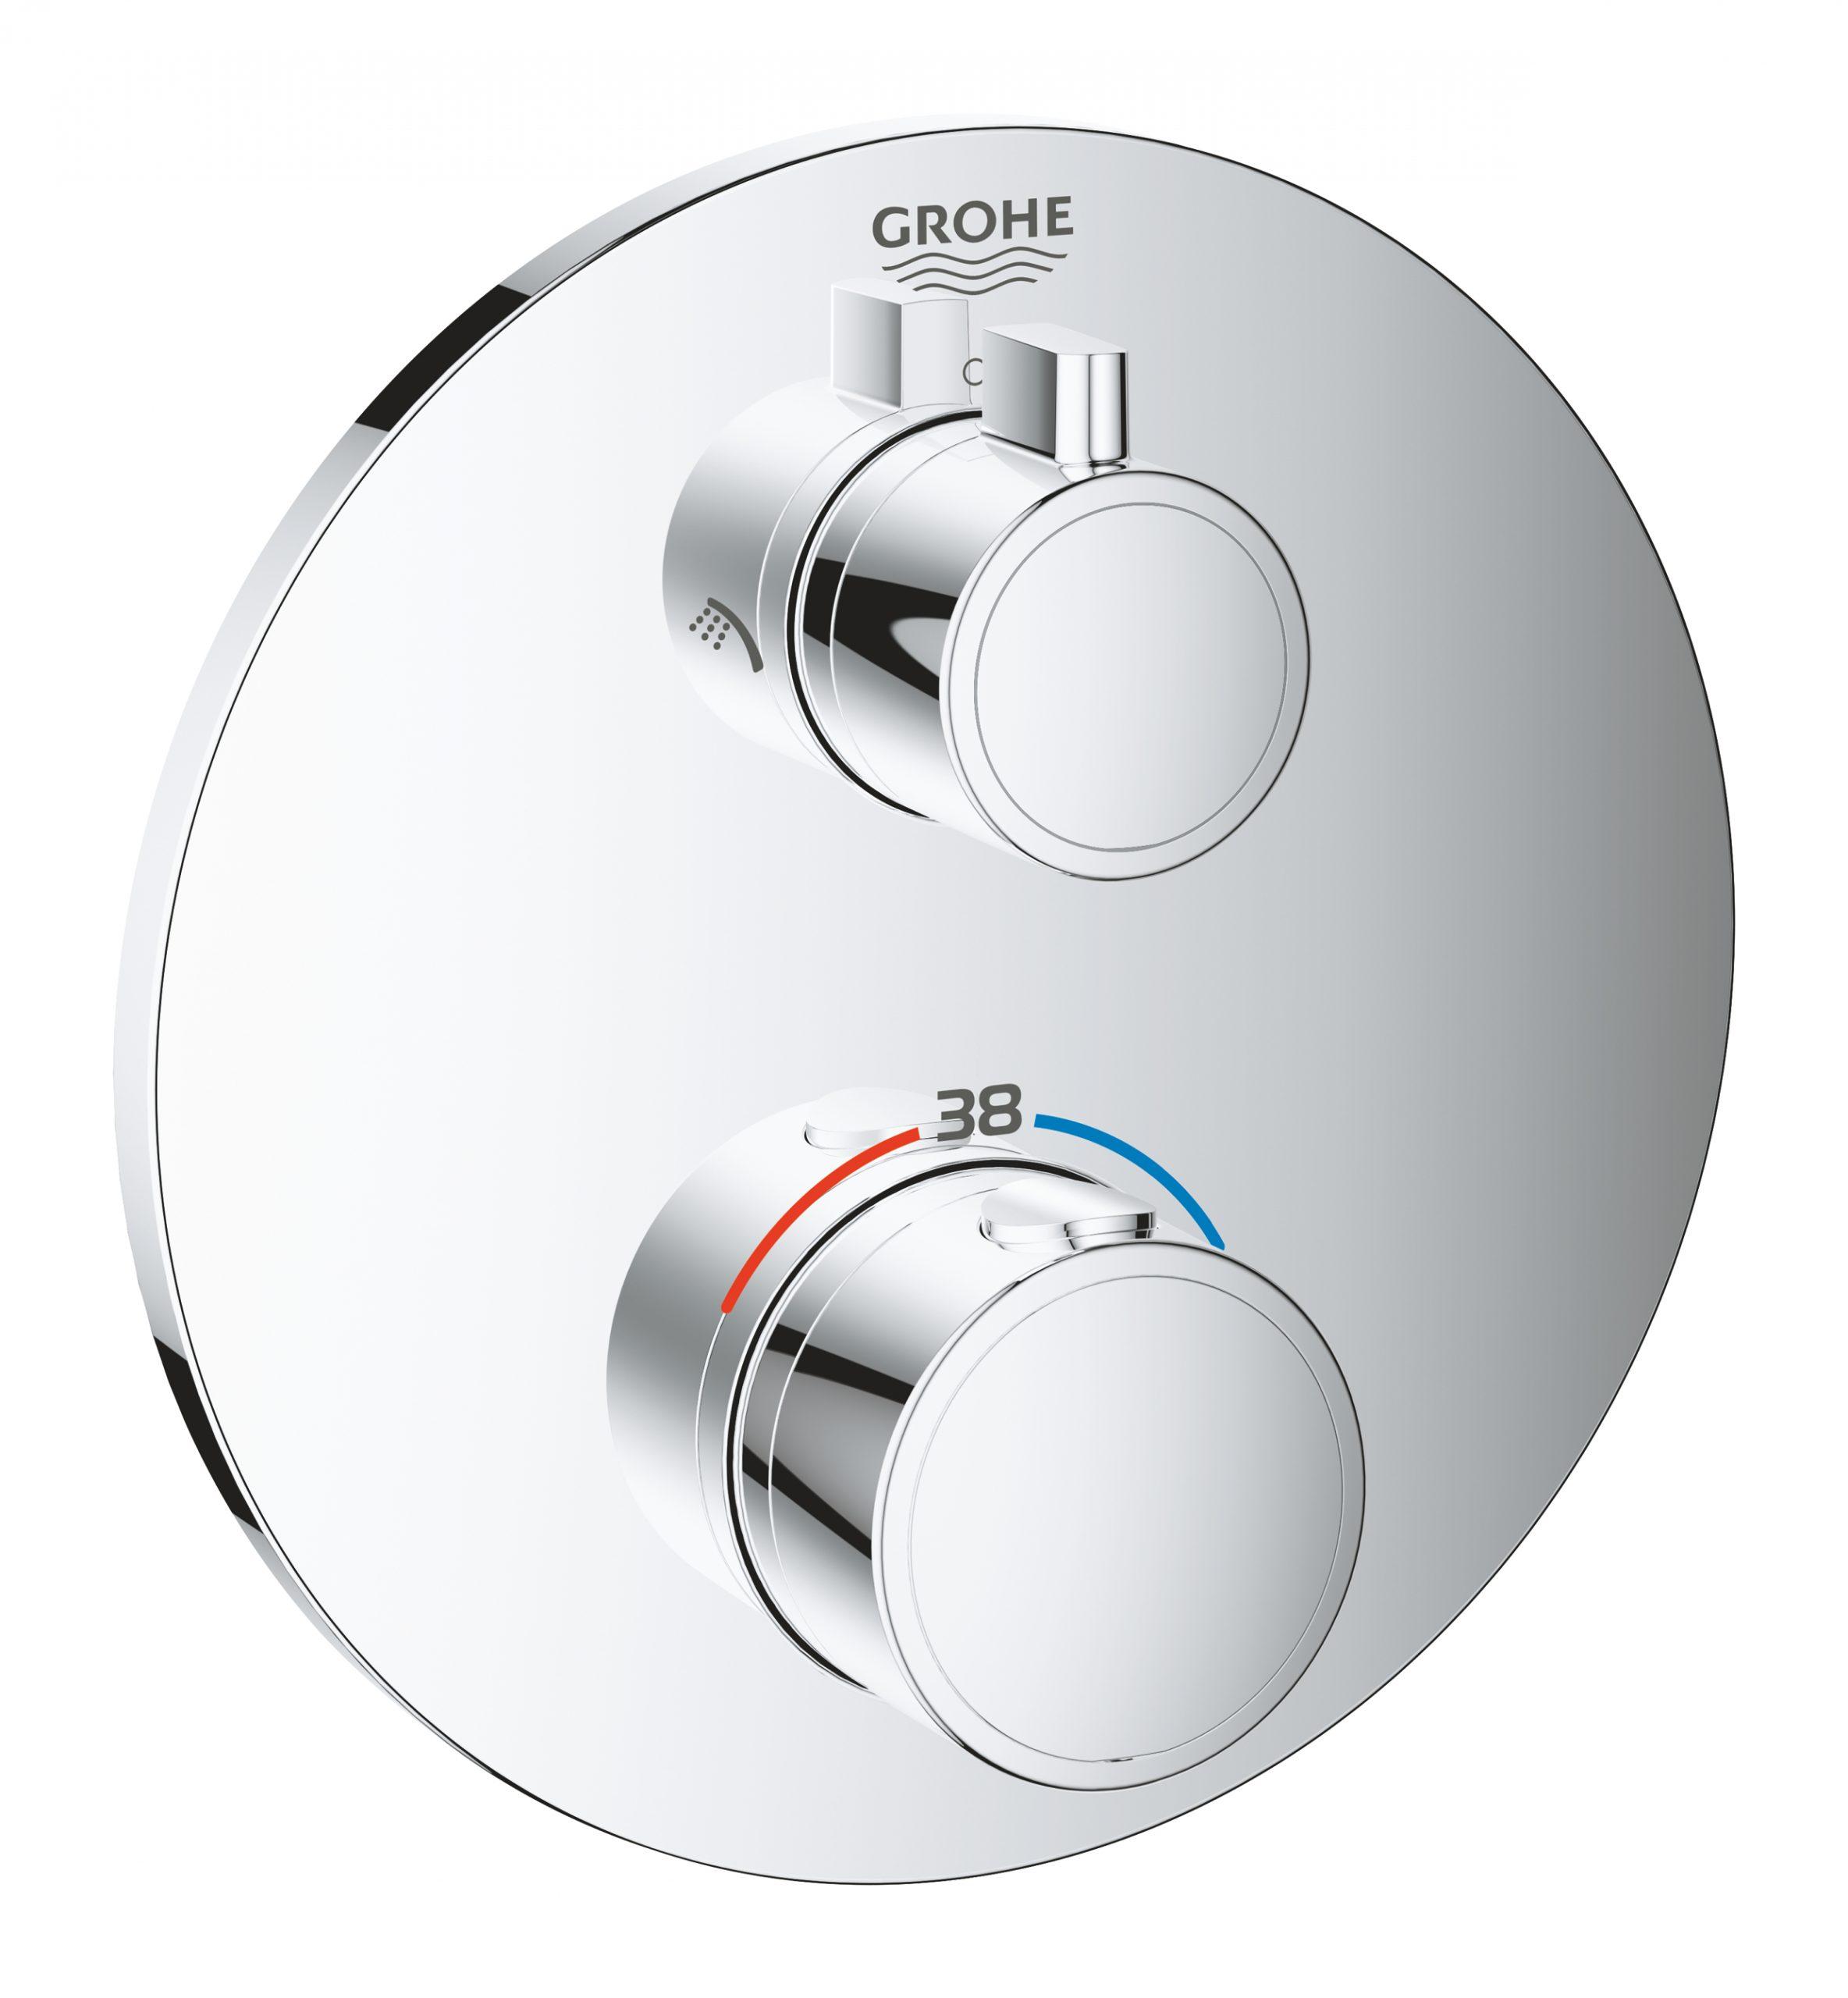 Bateria termostatyczna Grohe Grohtherm do obsługi dwóch wyjść wody chrom 24076000